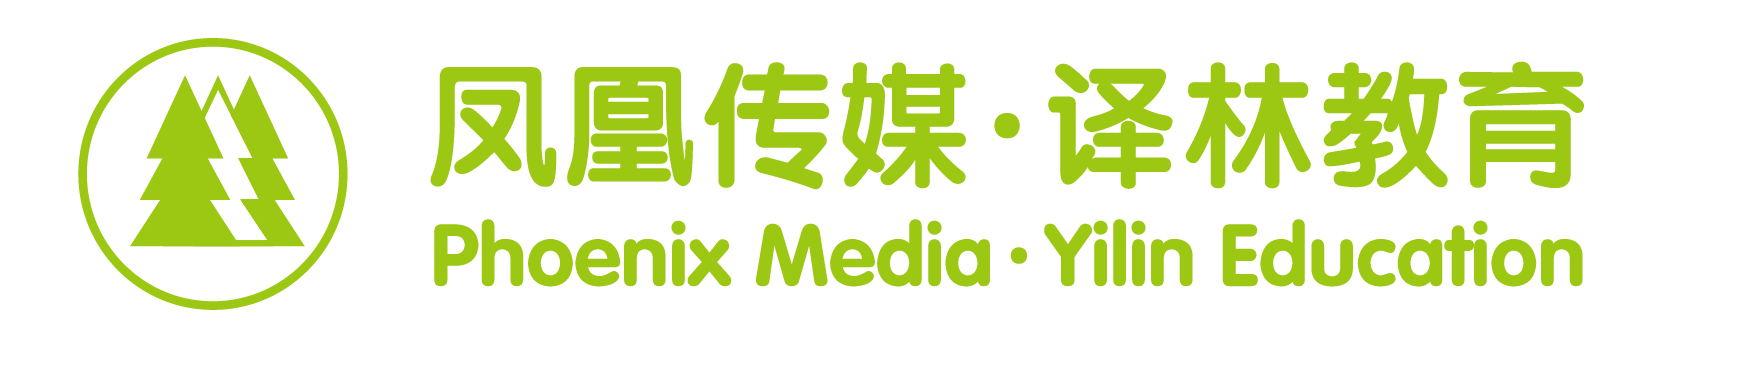 南京译林教育管理咨询有限公司